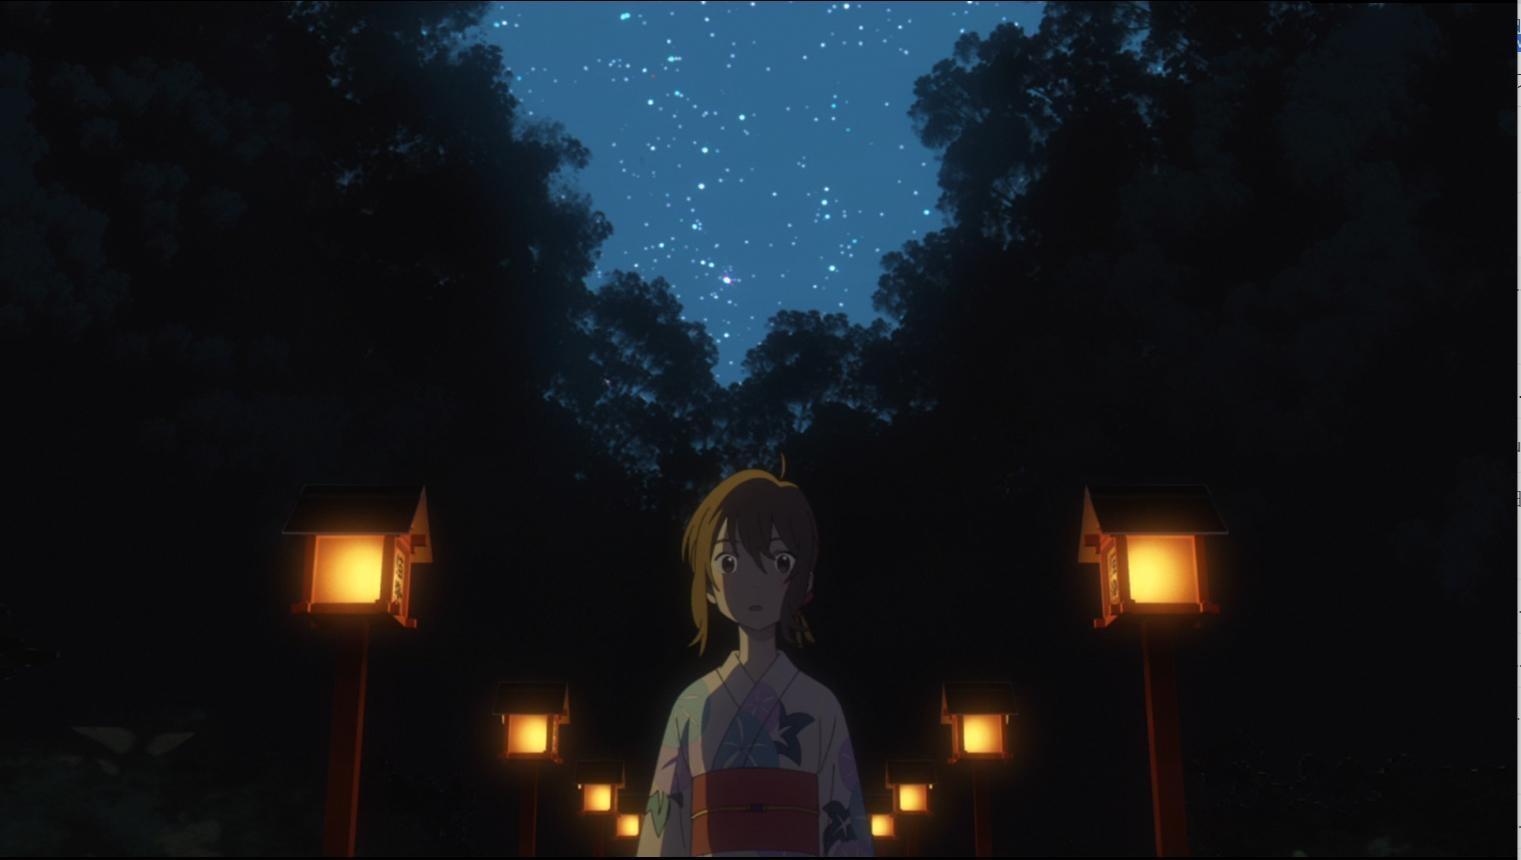 いくつも並んだ灯籠が幻想的な常滑神明社で、ムゲは不思議な出会いをはたす